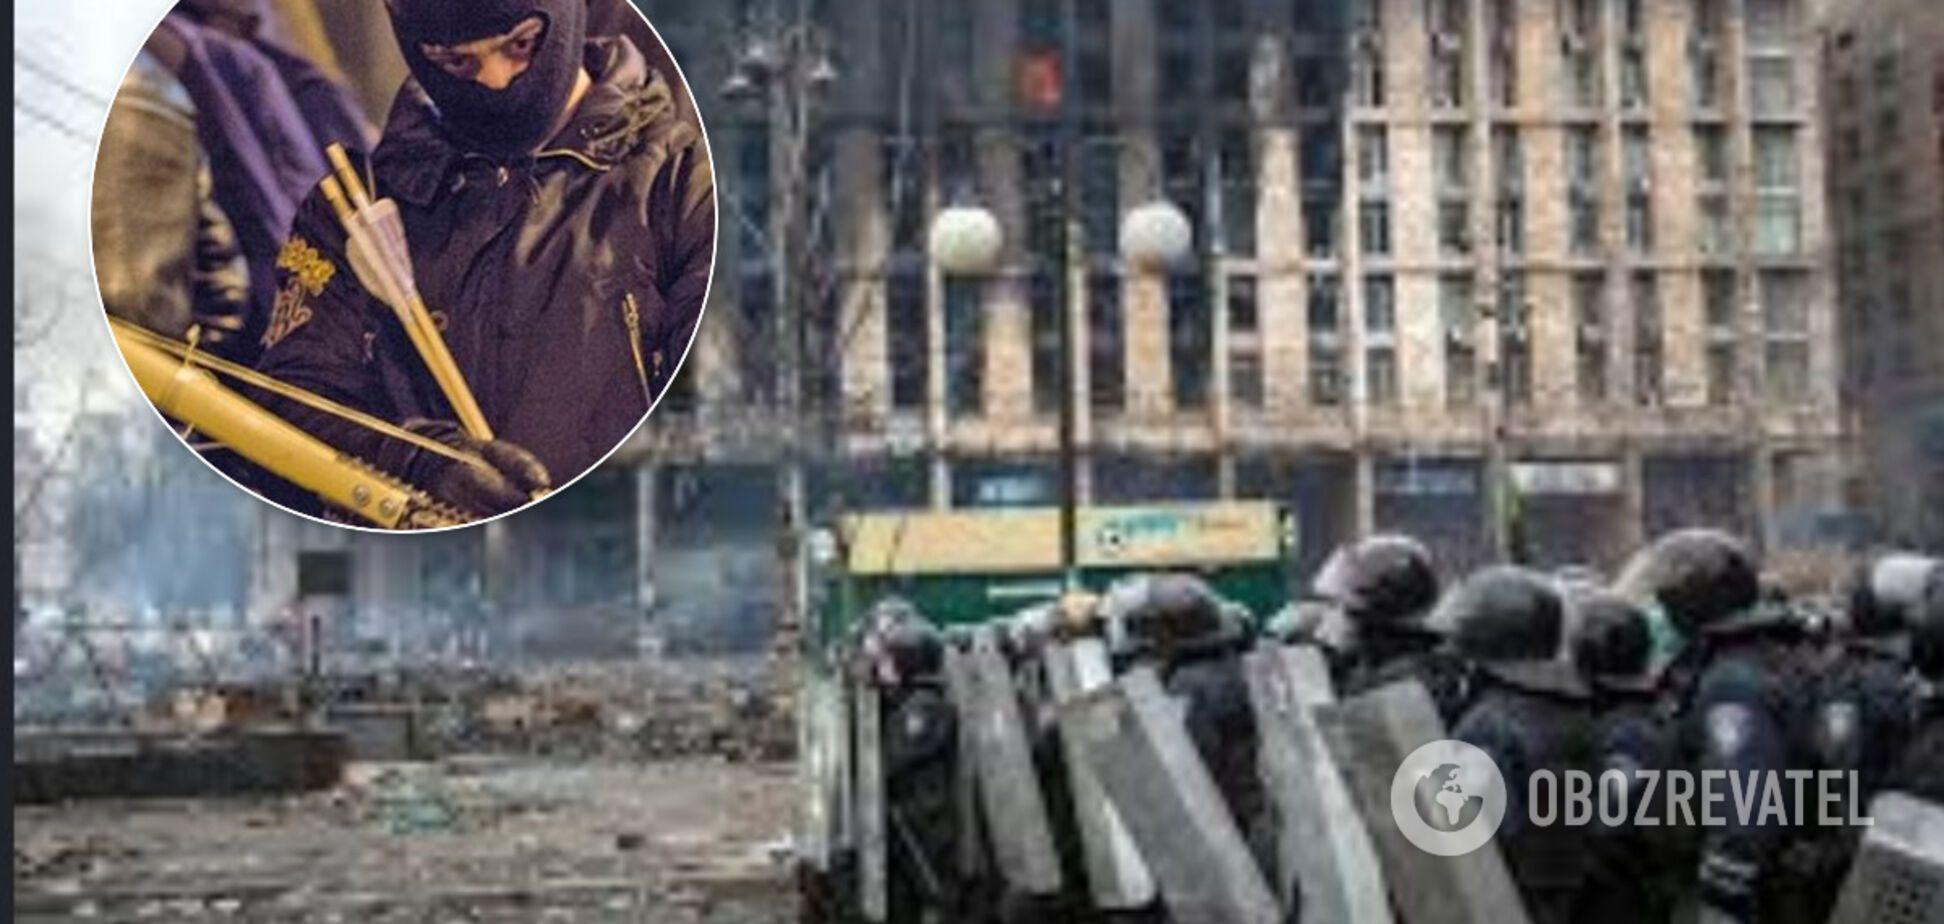 'Домовитися з москалями нереально, вони обдурять': відомий майданівець розповів про події шість років по тому